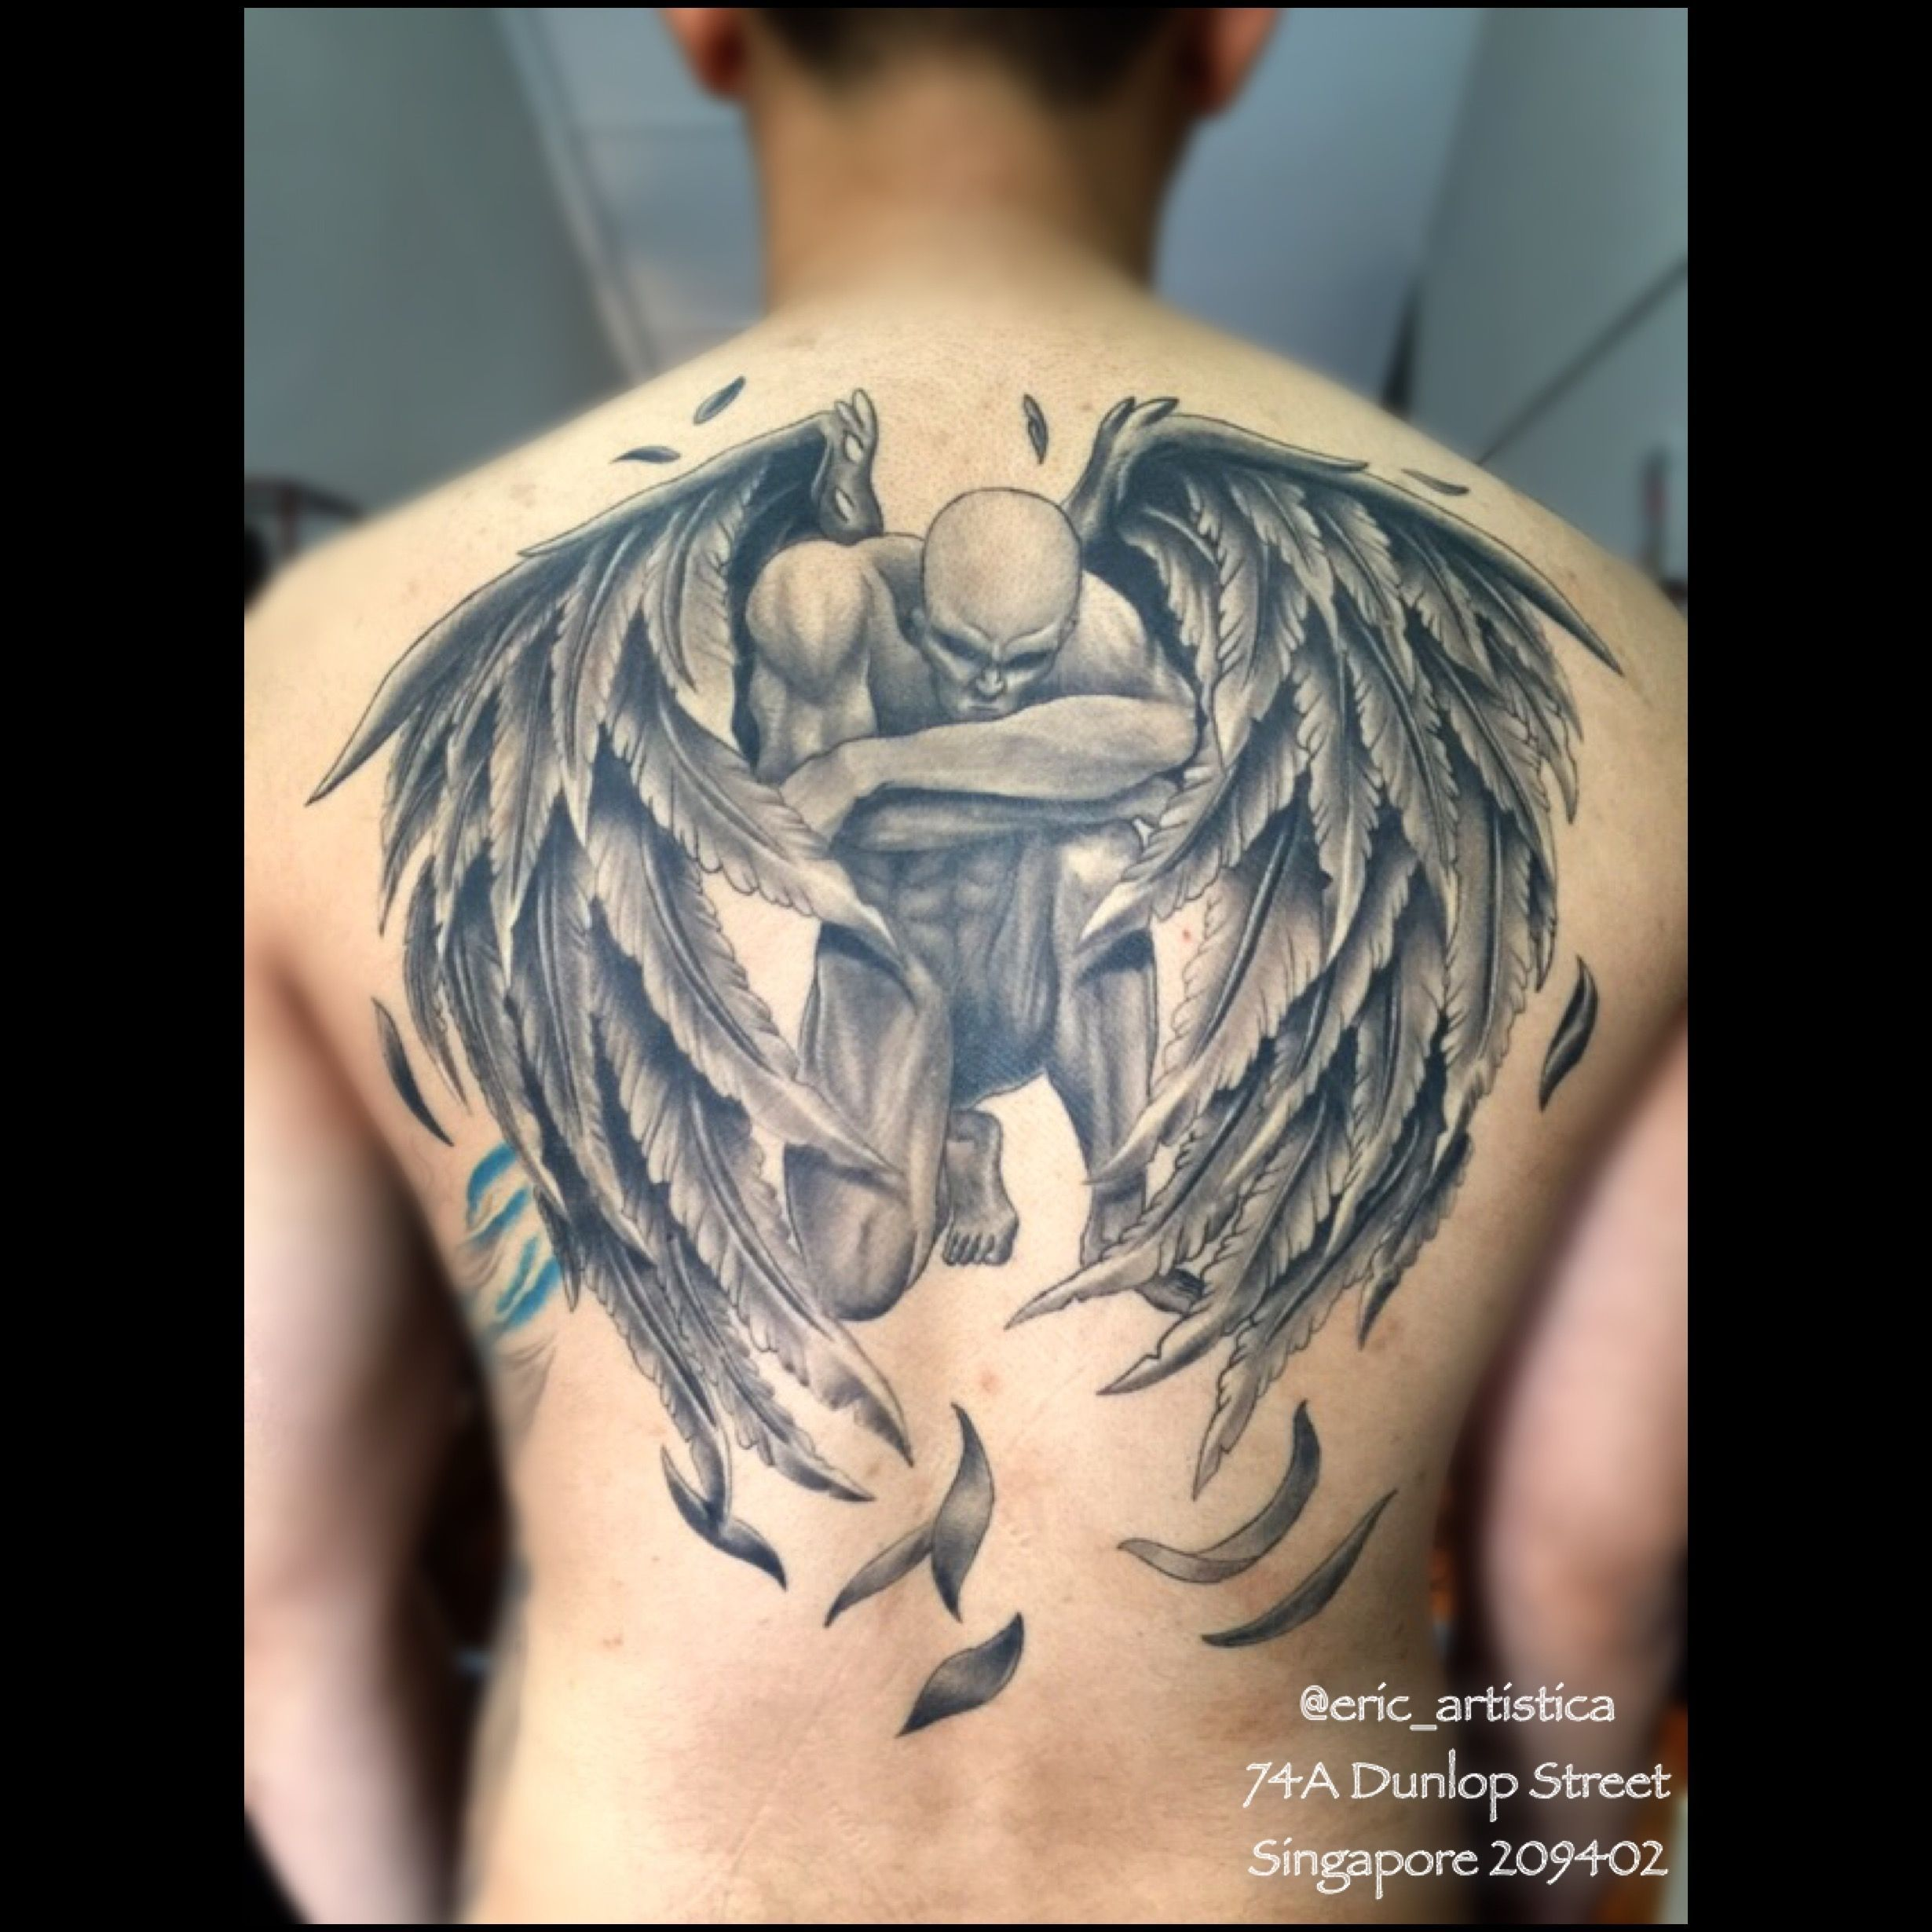 0a39ff324 Elegant regarding Meaning fallen angel black and grey tattoo back ...